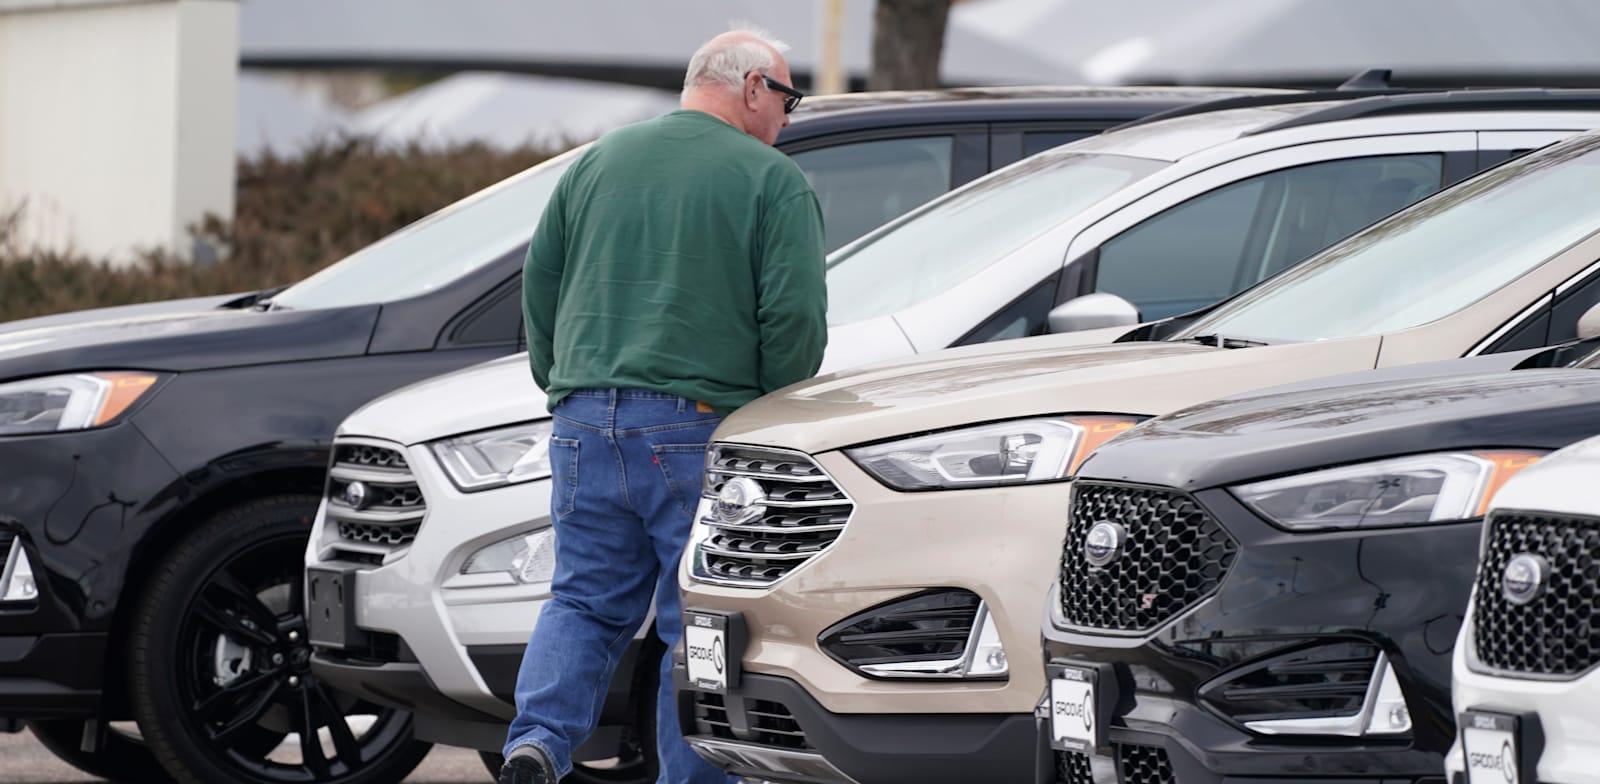 """מגרש למכירת מכוניות משומשות בקולורדו, ארה""""ב / צילום: Associated Press, David Zalubowski"""